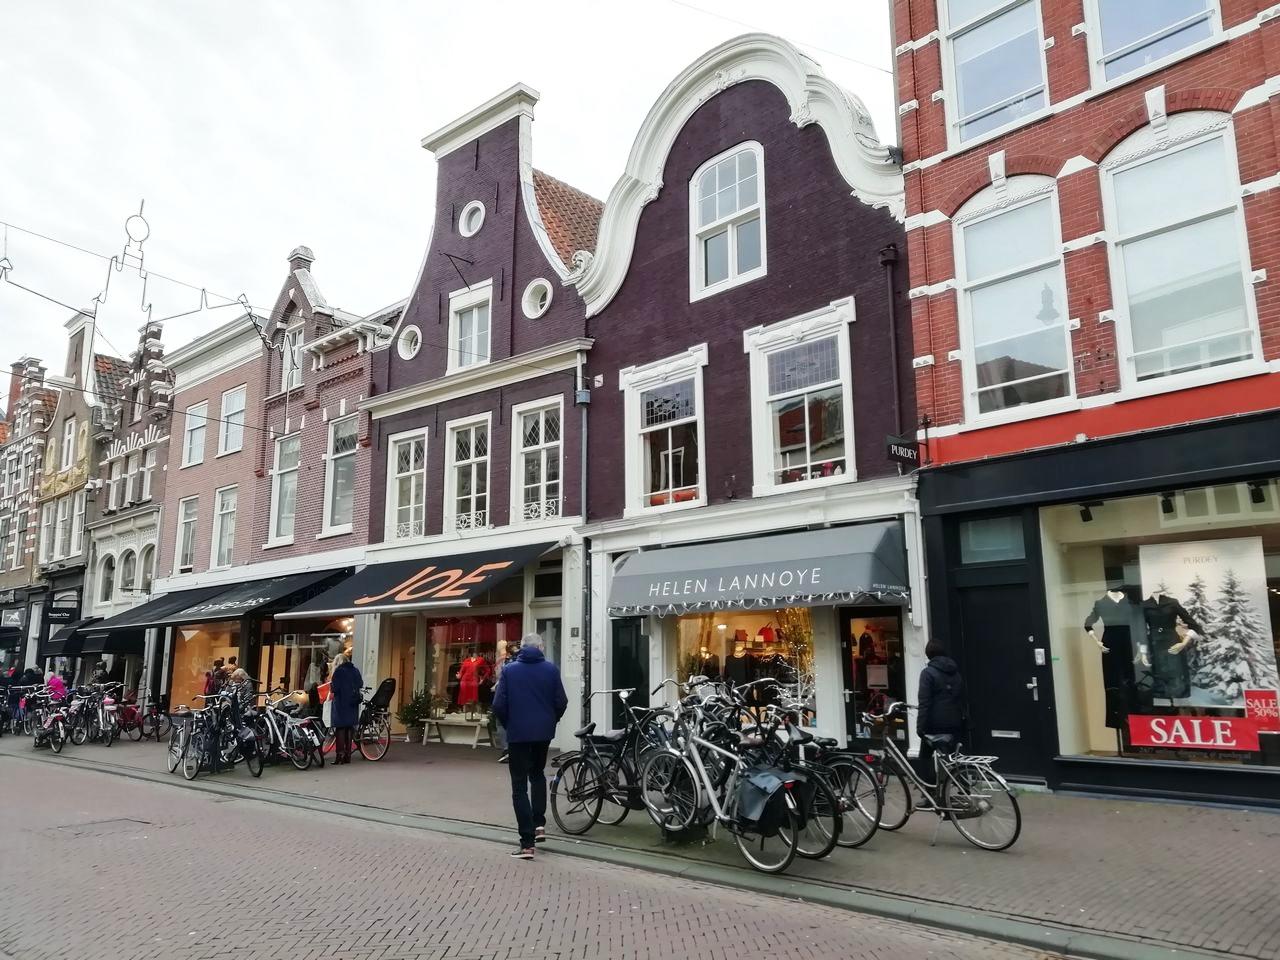 Qué ver en Haarlem en 1 día: fachadas típicas.